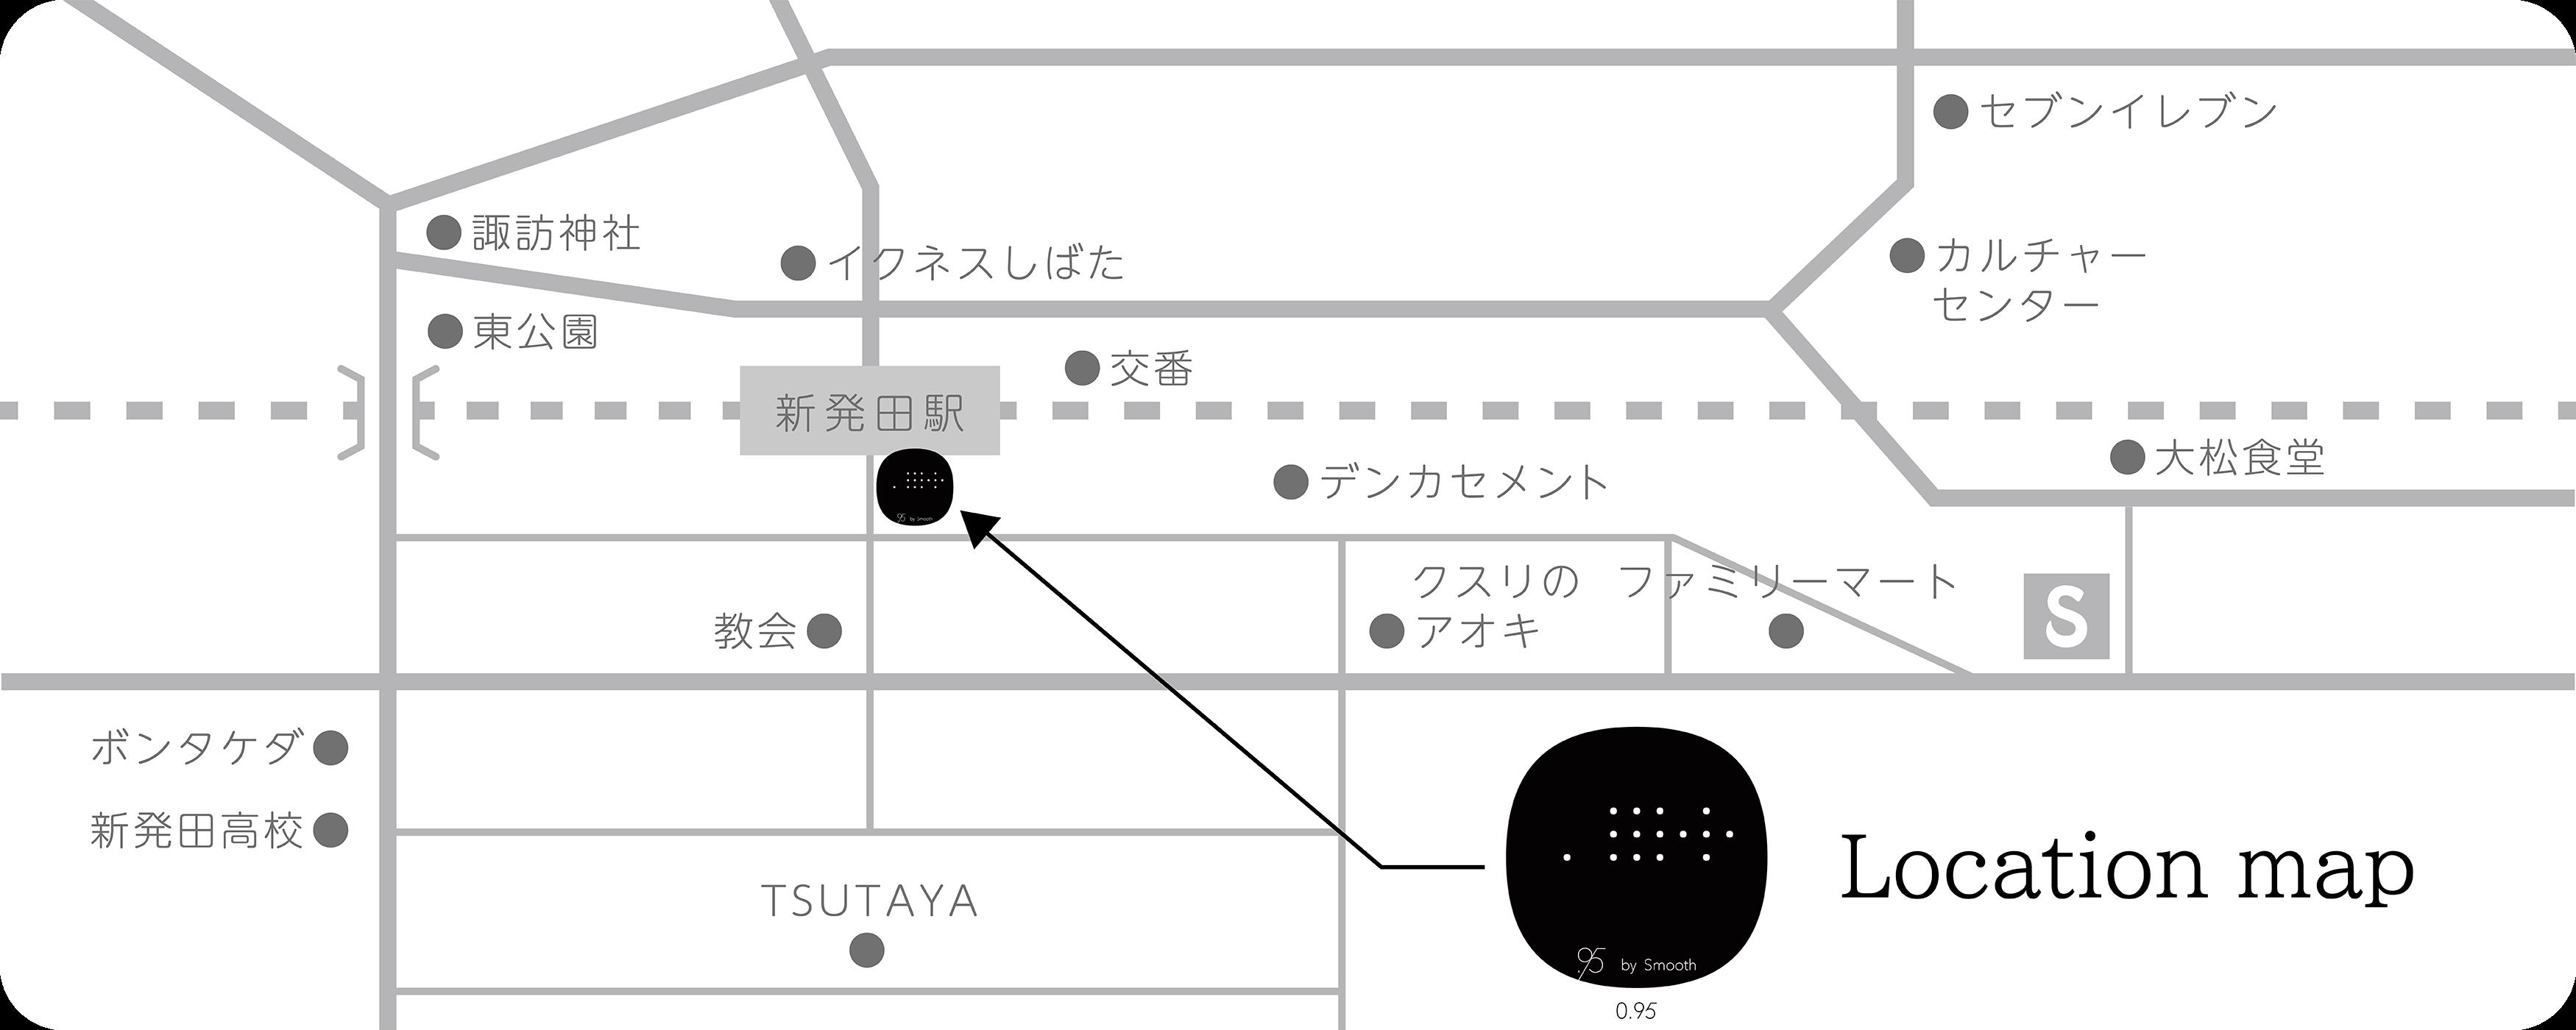 0.95 location map